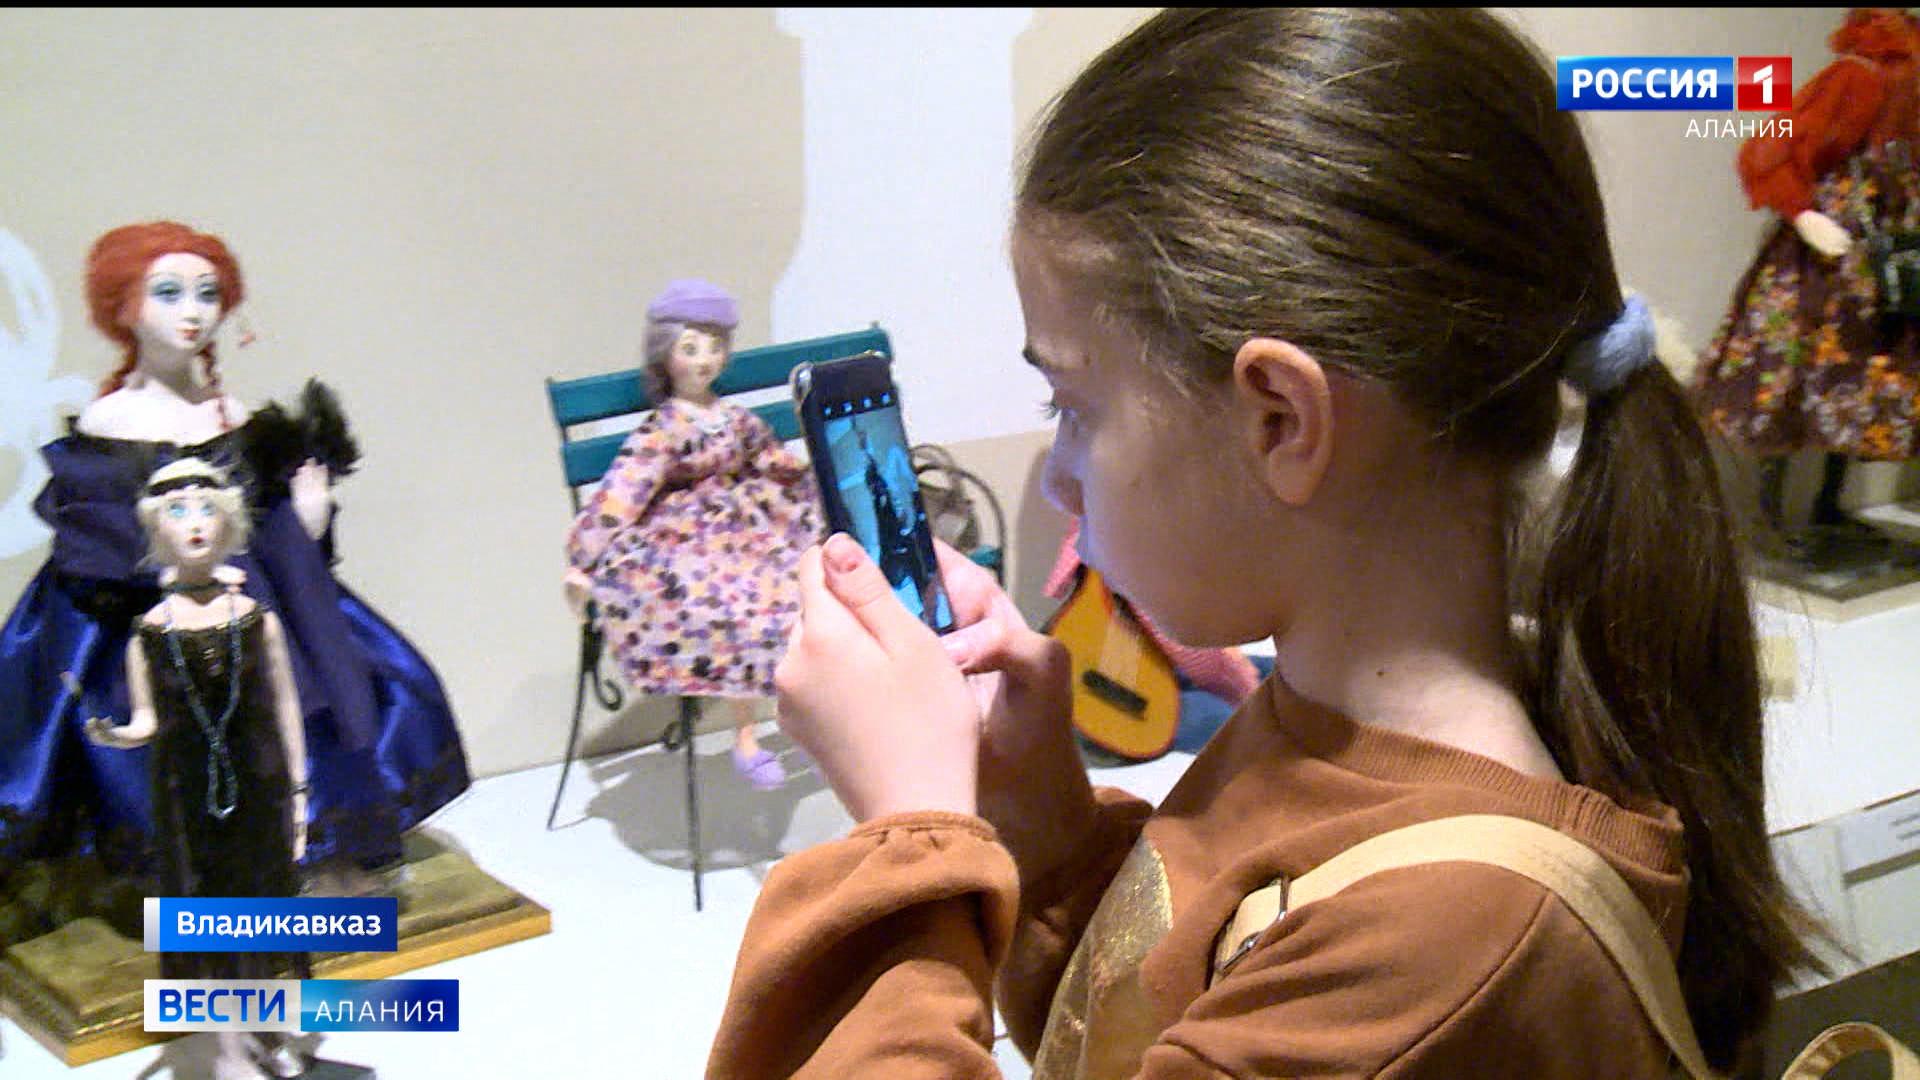 Во Владикавказе проходит выставка авторской куклы Земфиры Дзиовой